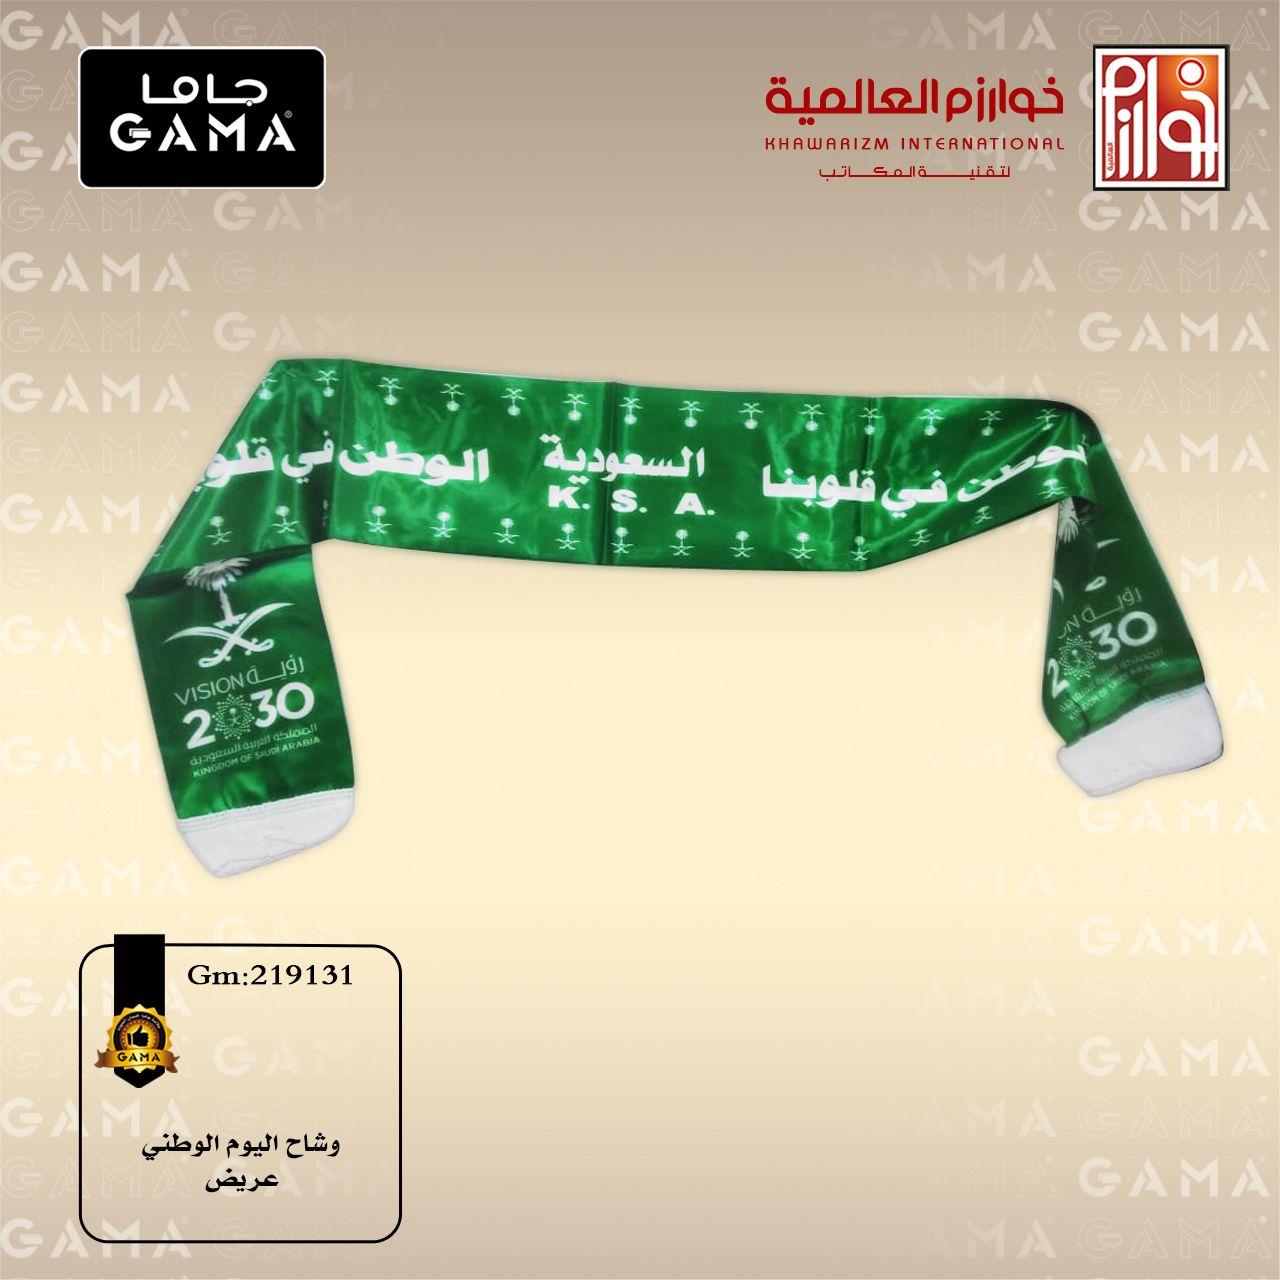 وشاح اليوم الوطني السعودي Stationery Digits Symbols